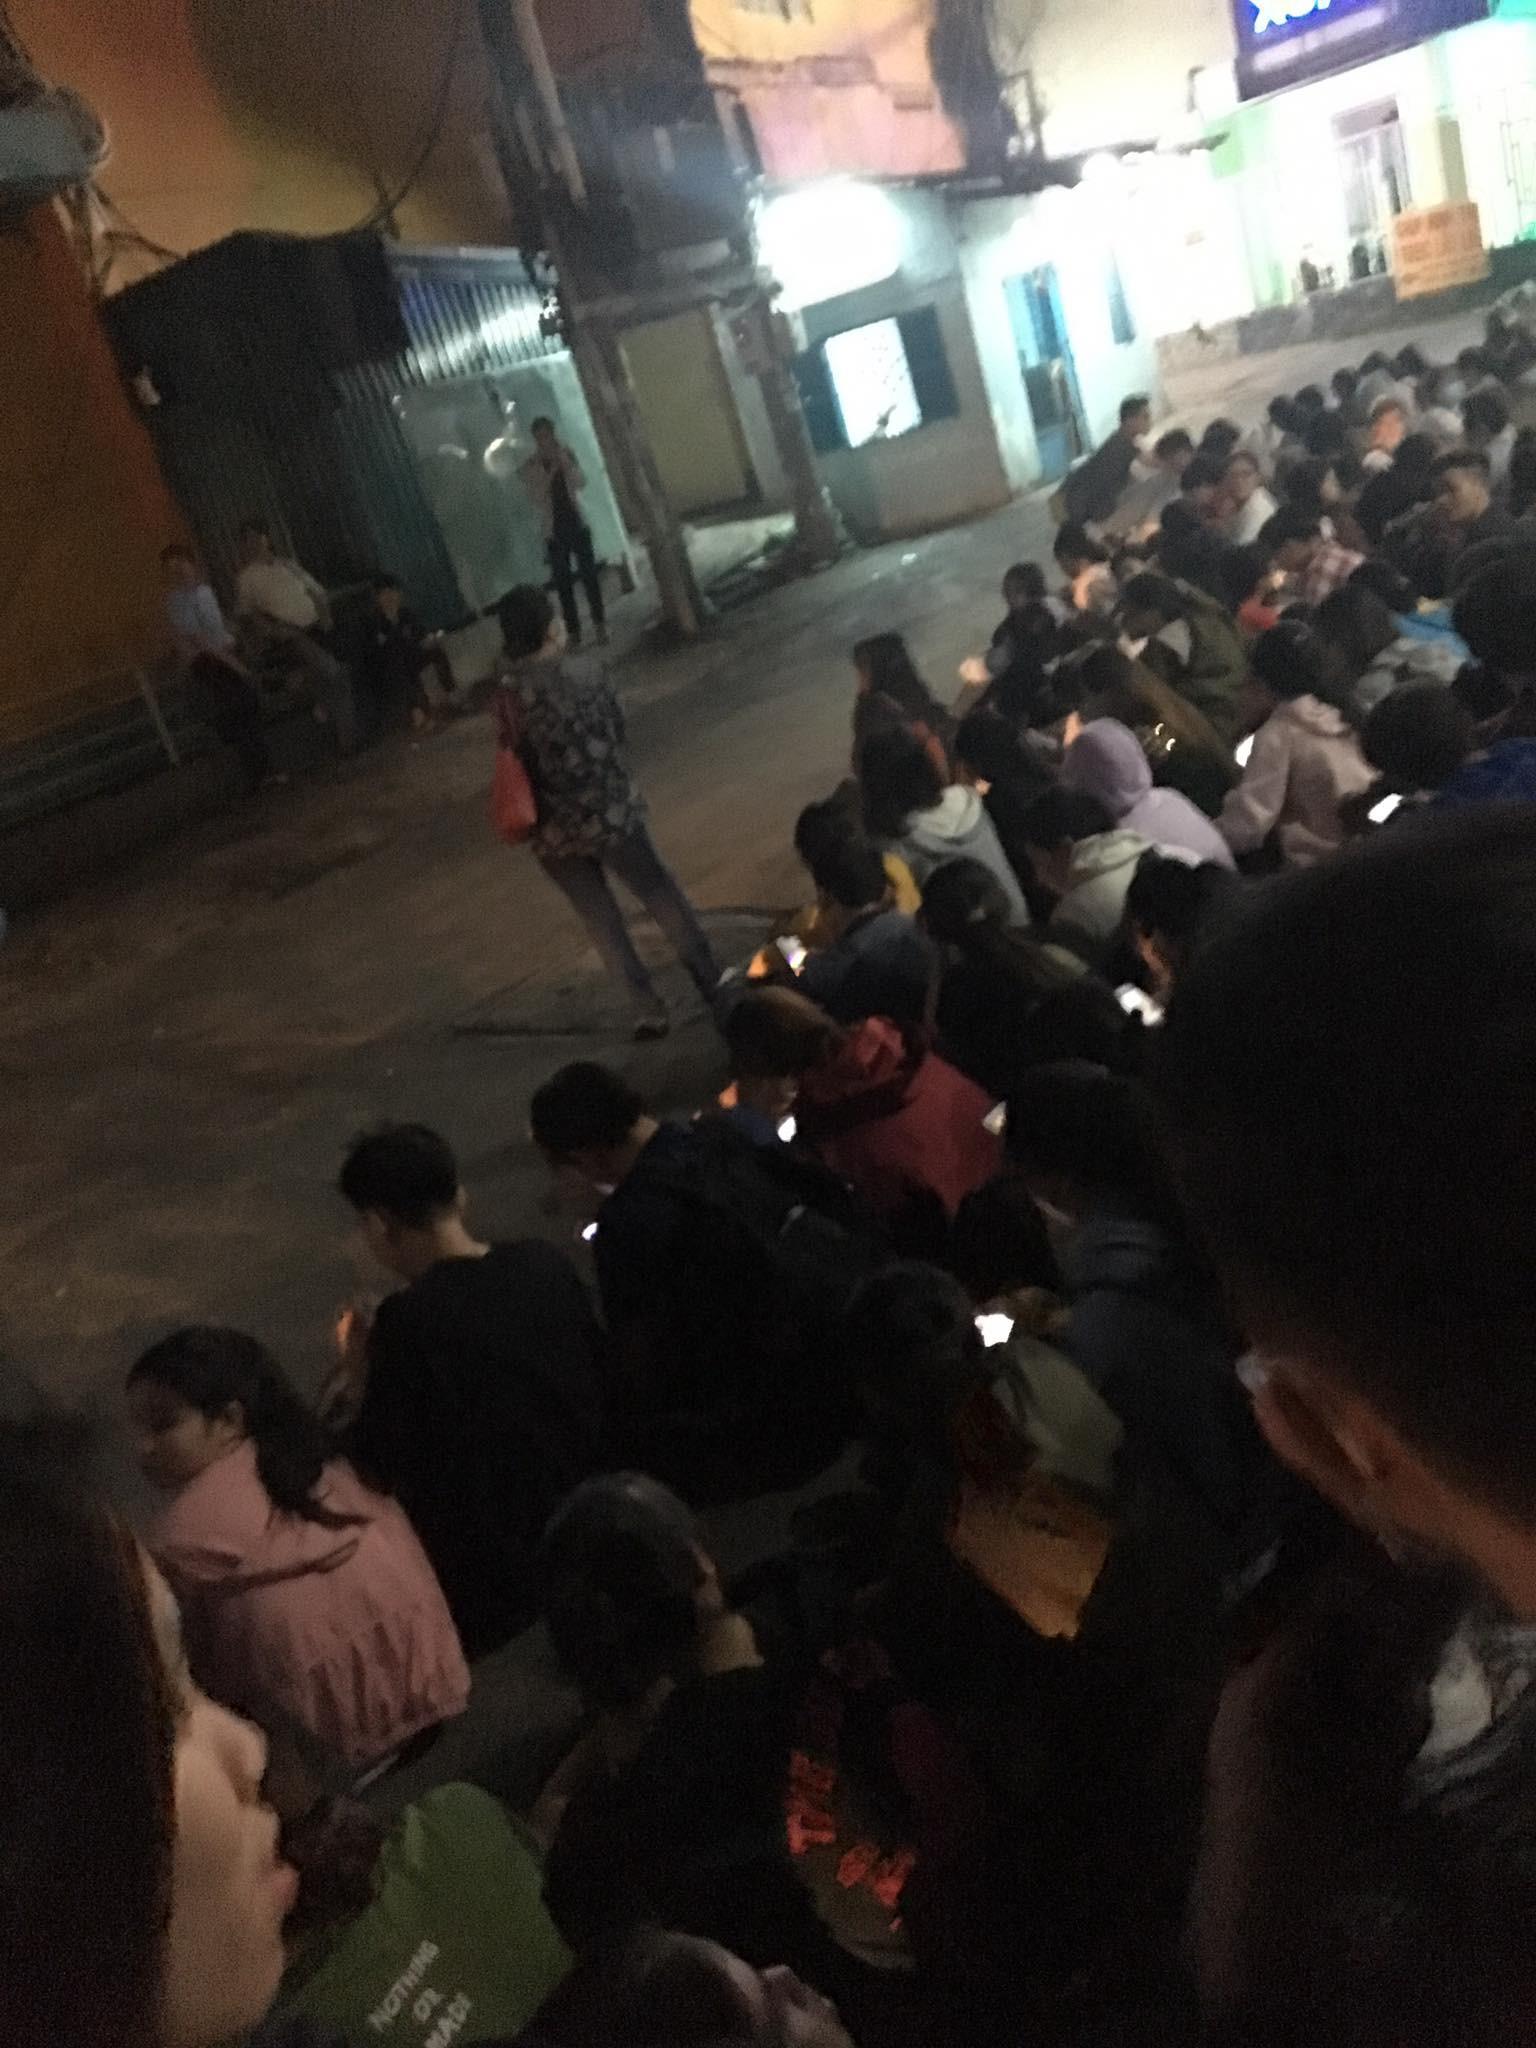 Sài Gòn vỡ trận, hàng nghìn sinh viên tiếp tục chen lấn, tranh cướp nhau suất đăng ký dự thi TOEIC